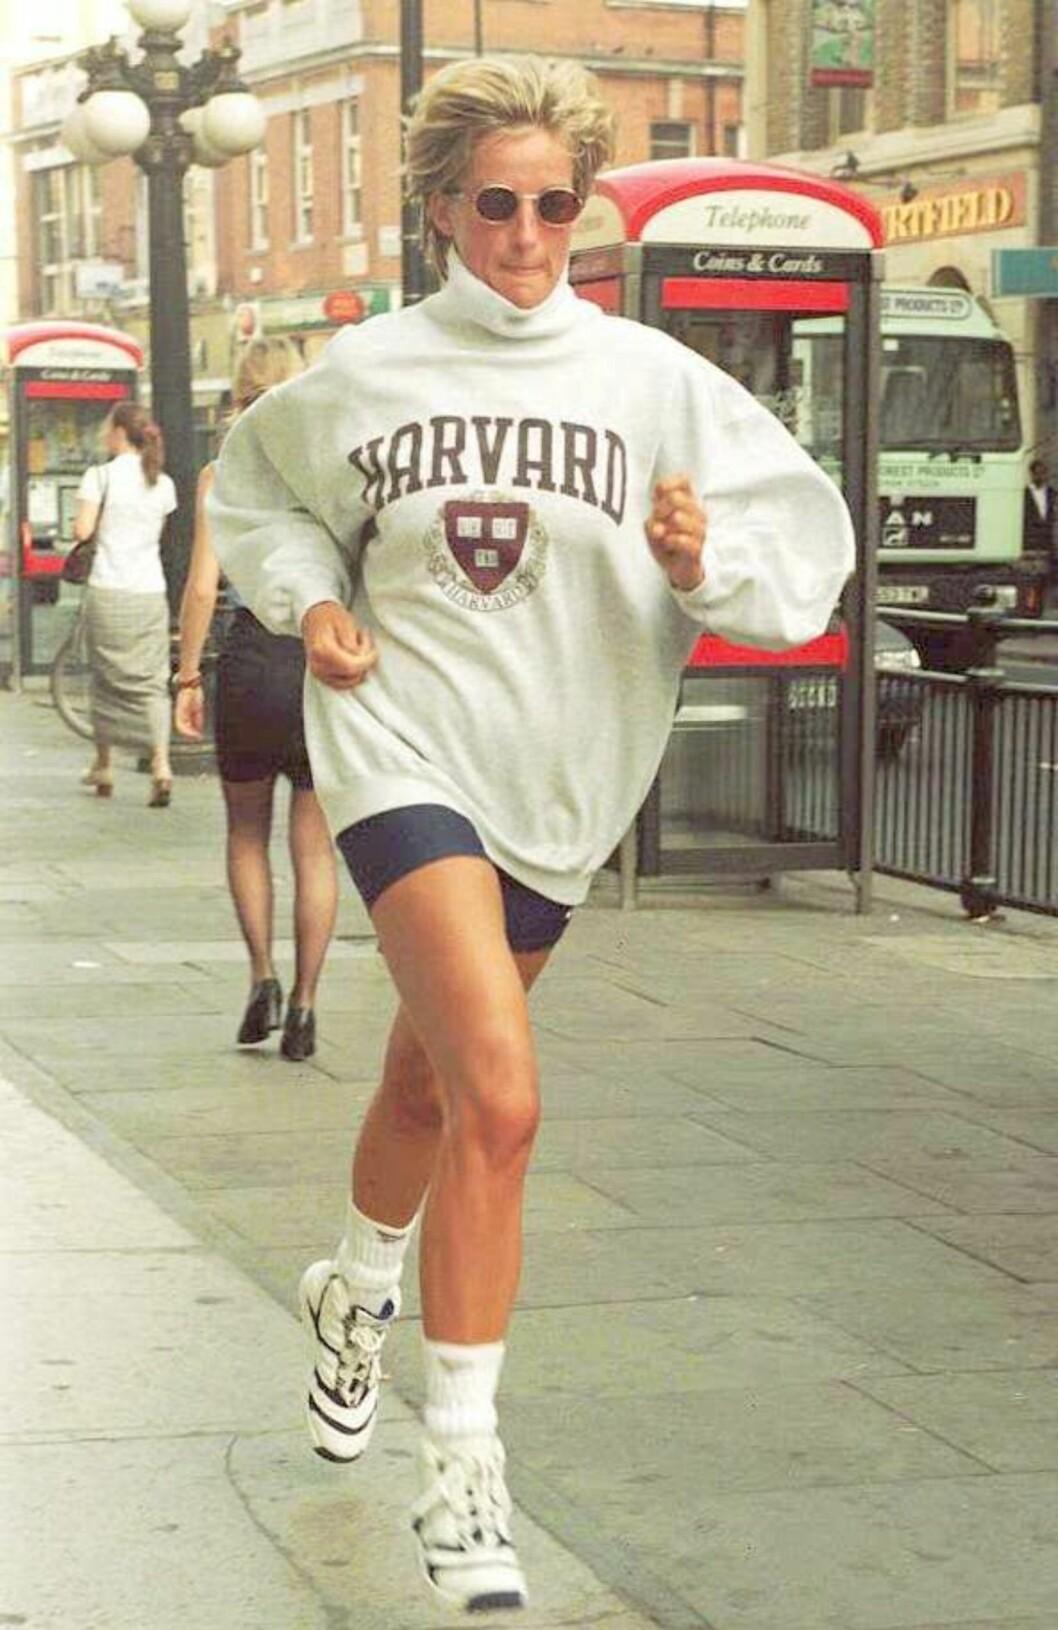 <strong>SPORTY:</strong> Diana likte å holde seg i form. Her ble hun fotografert løpende på vei til bilen sin etter en treningsøkt i London den 21. august 1997 - 10 dager før hun ble drept i den fatale bilulykken i Paris. Foto: NTB Scanpix